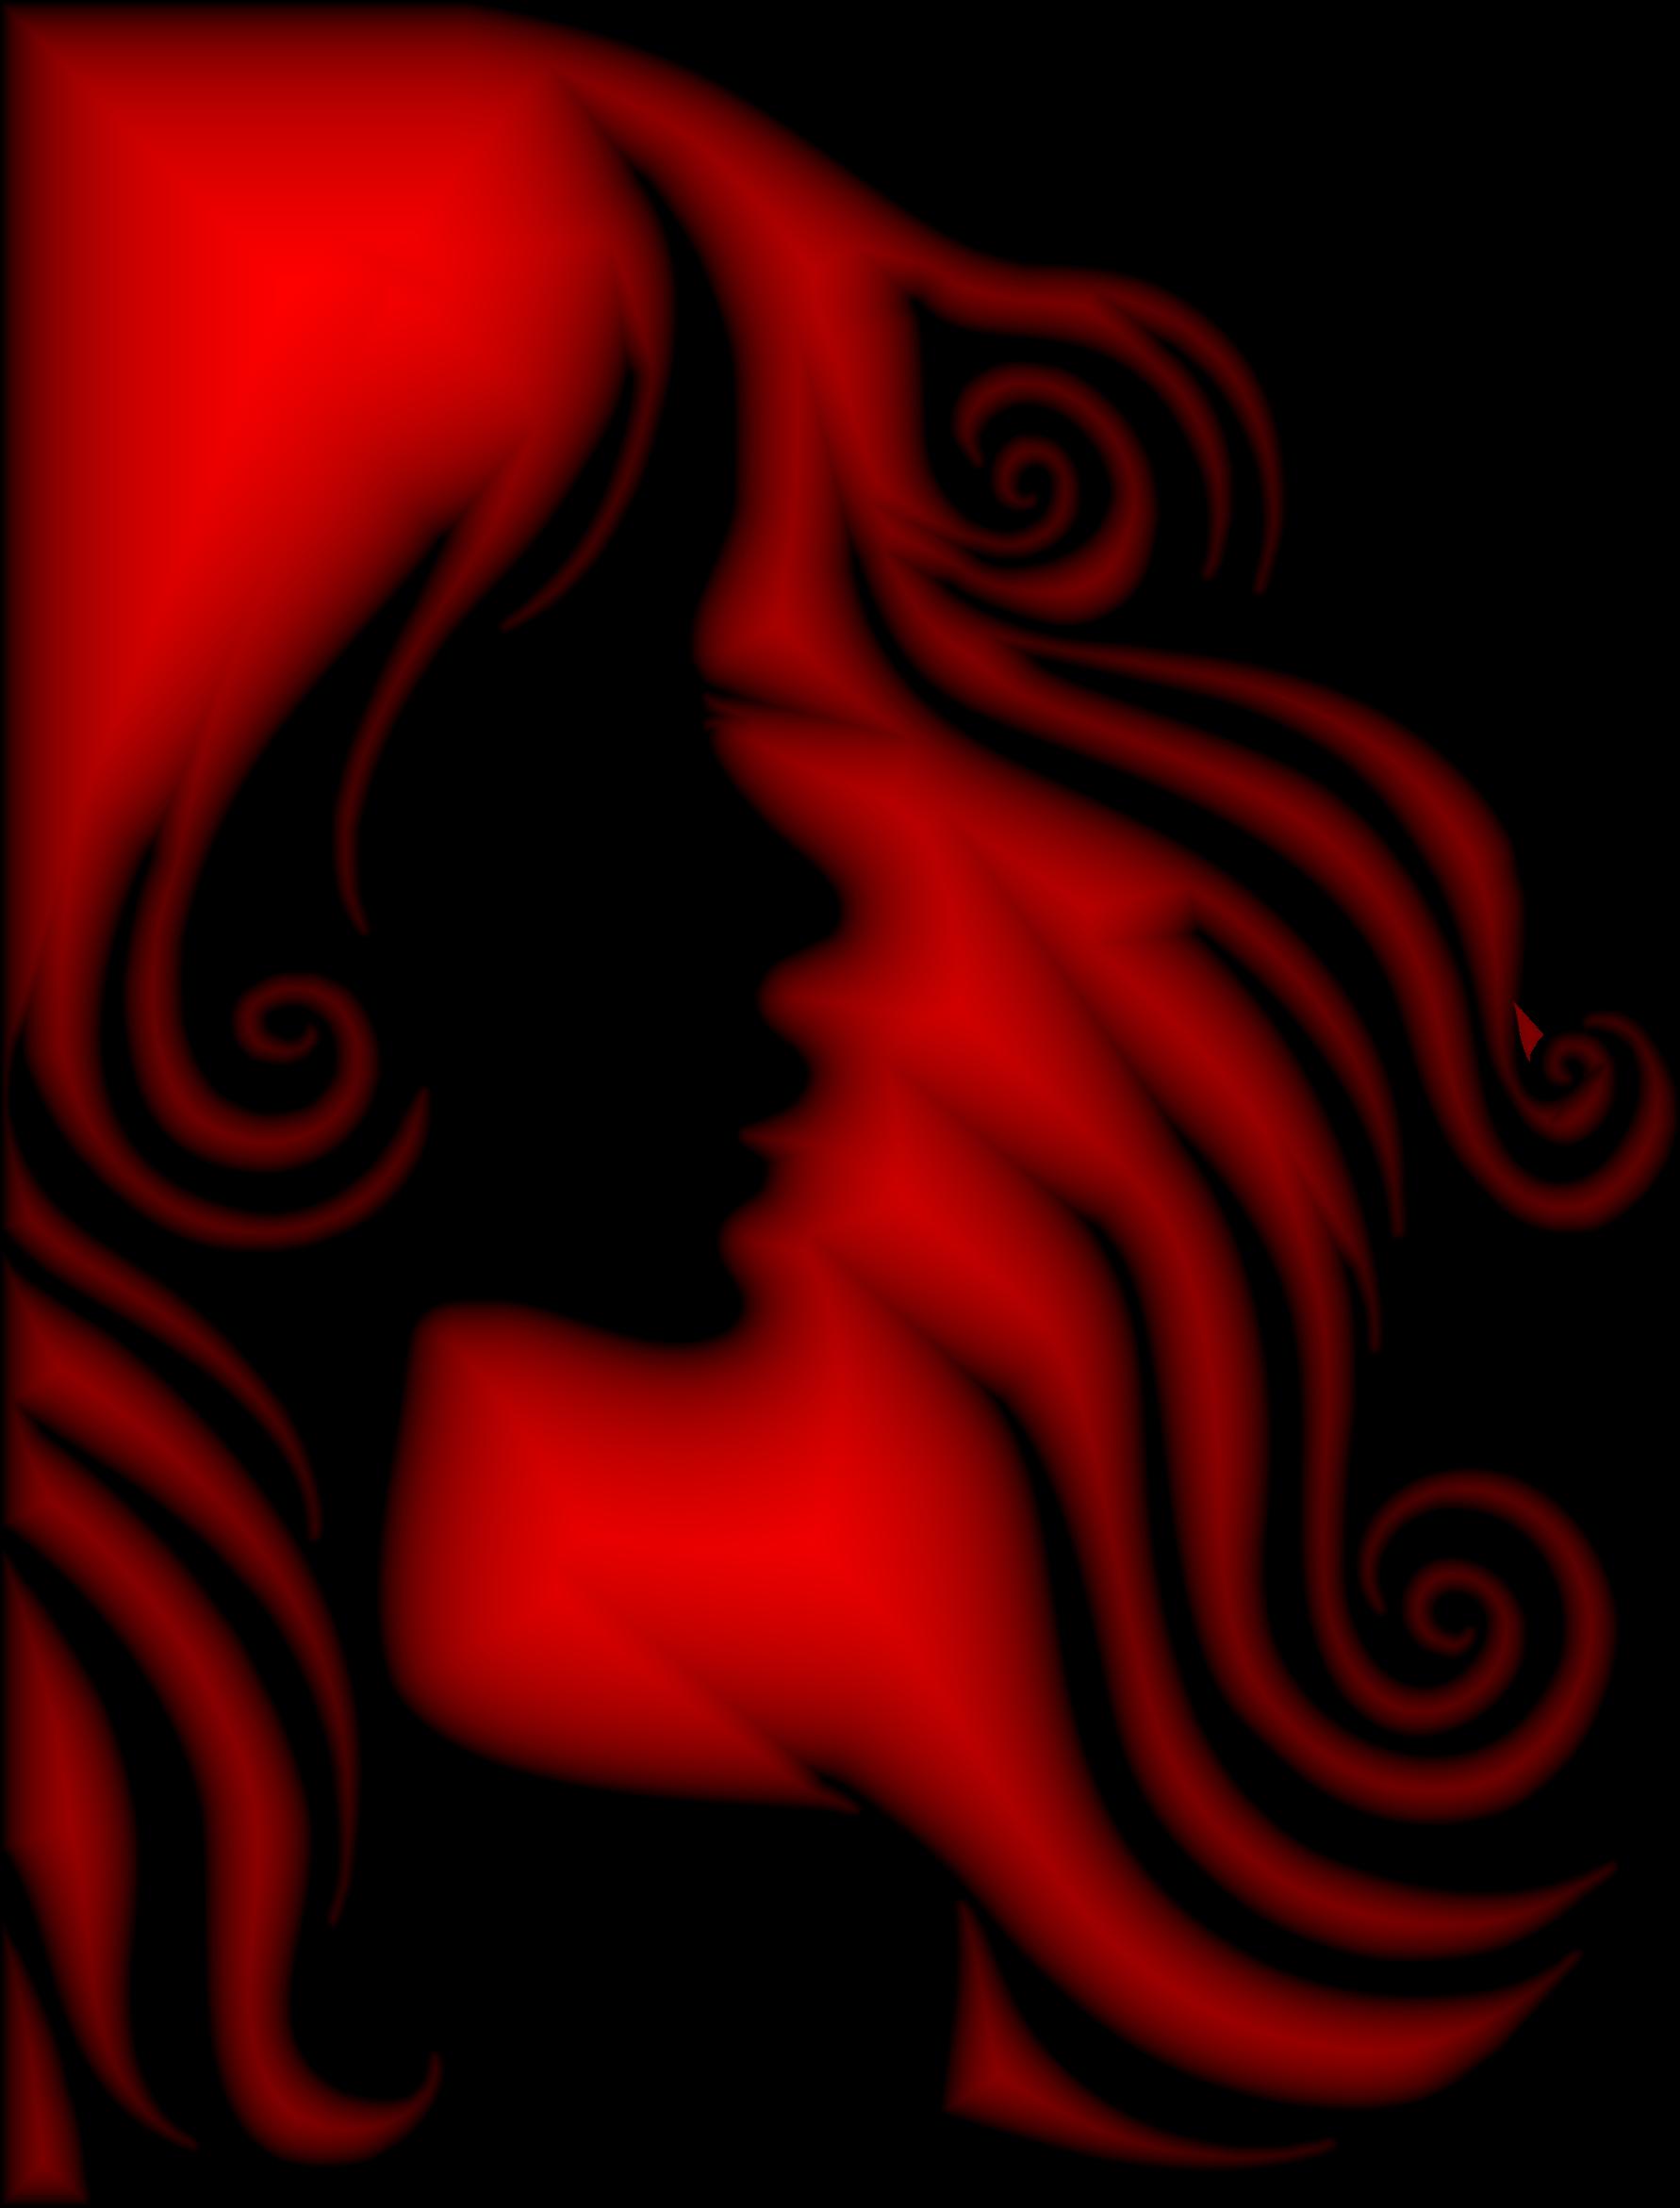 Hair clipart different hair. Female profile silhouette crimson